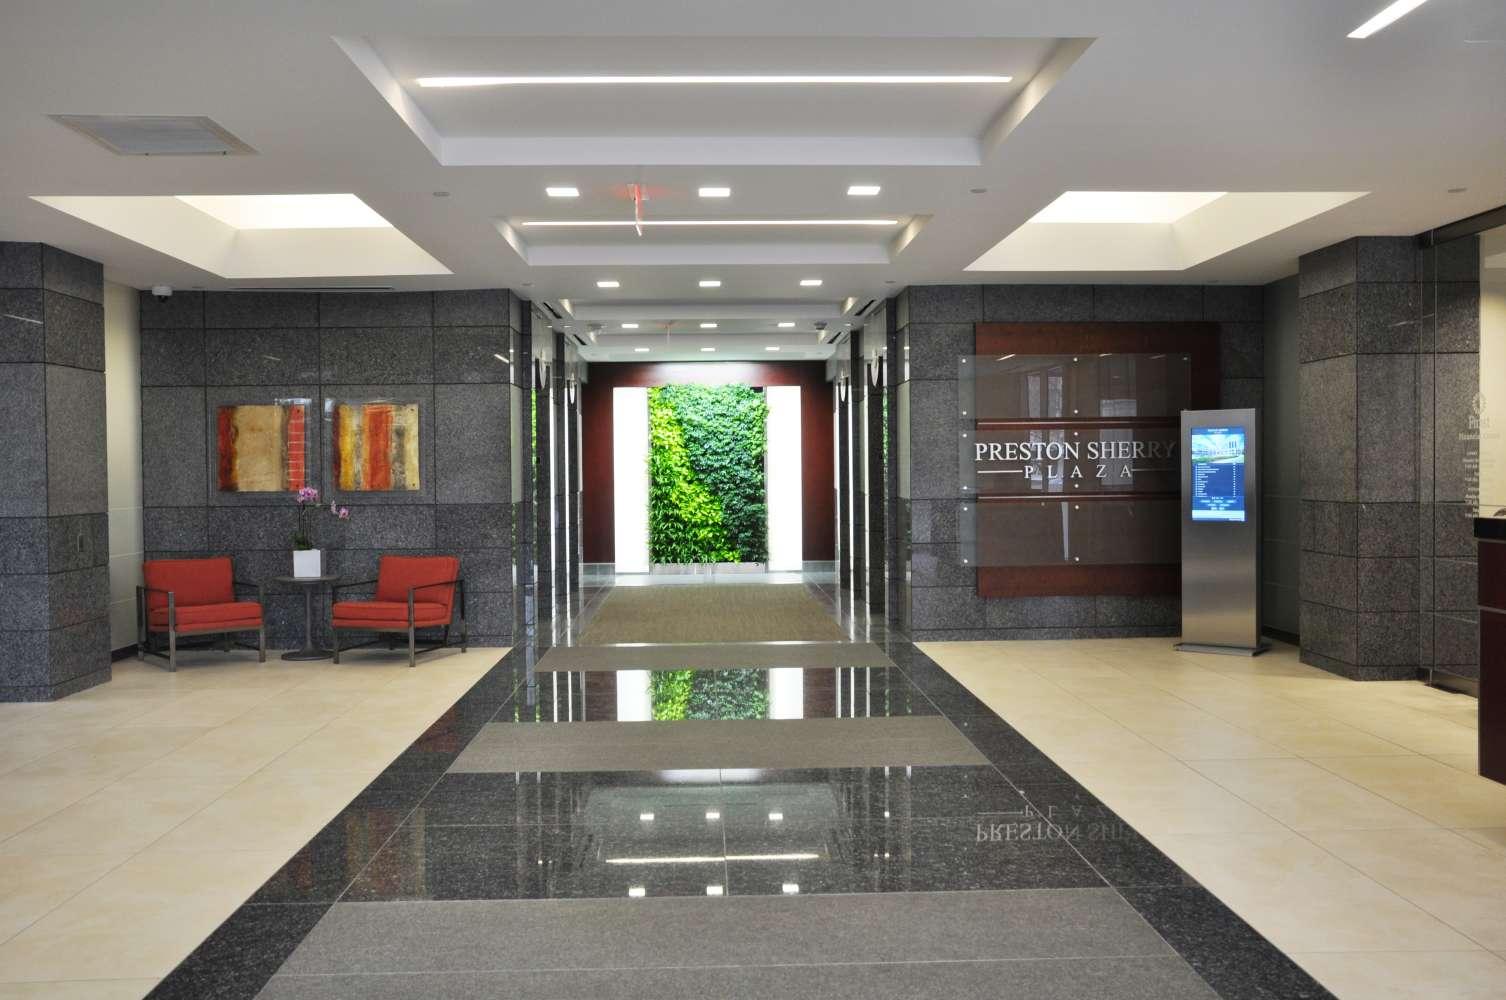 Office Dallas, 75225 - Preston Sherry Plaza